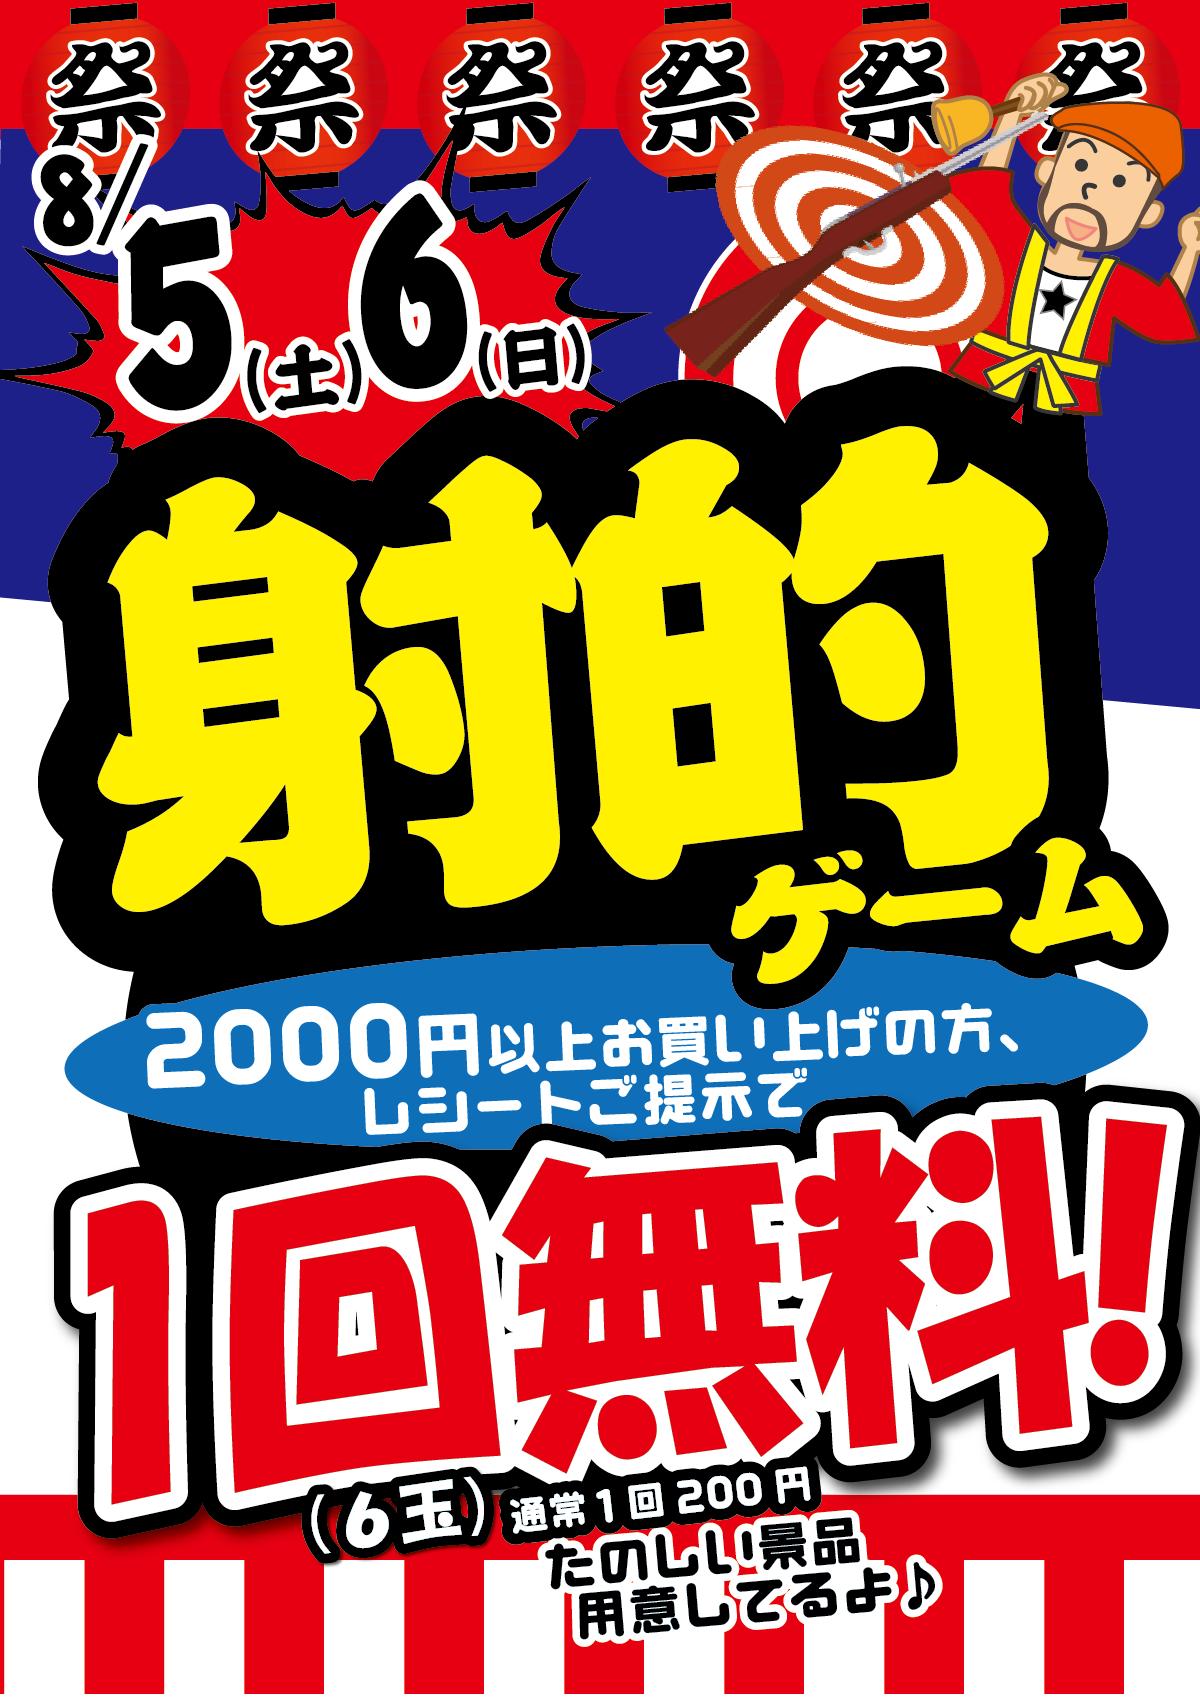 「開放倉庫米子店」2017年8月5、6日(土、日)射的ゲーム開催!2000円以上のお買上げの方、レシートご提示で1回無料(6玉)!たのしい景品用意してるよ♪